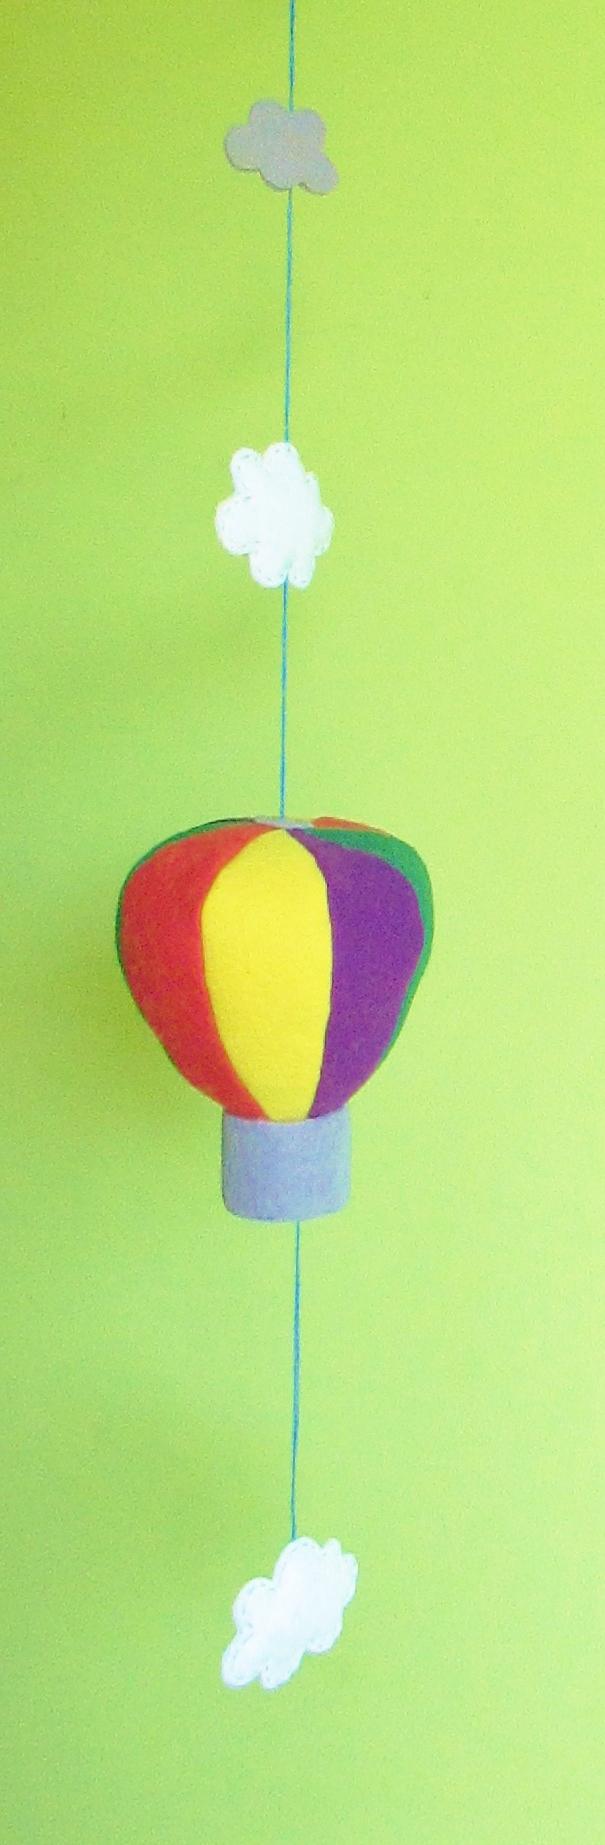 Móbile balão mágico!